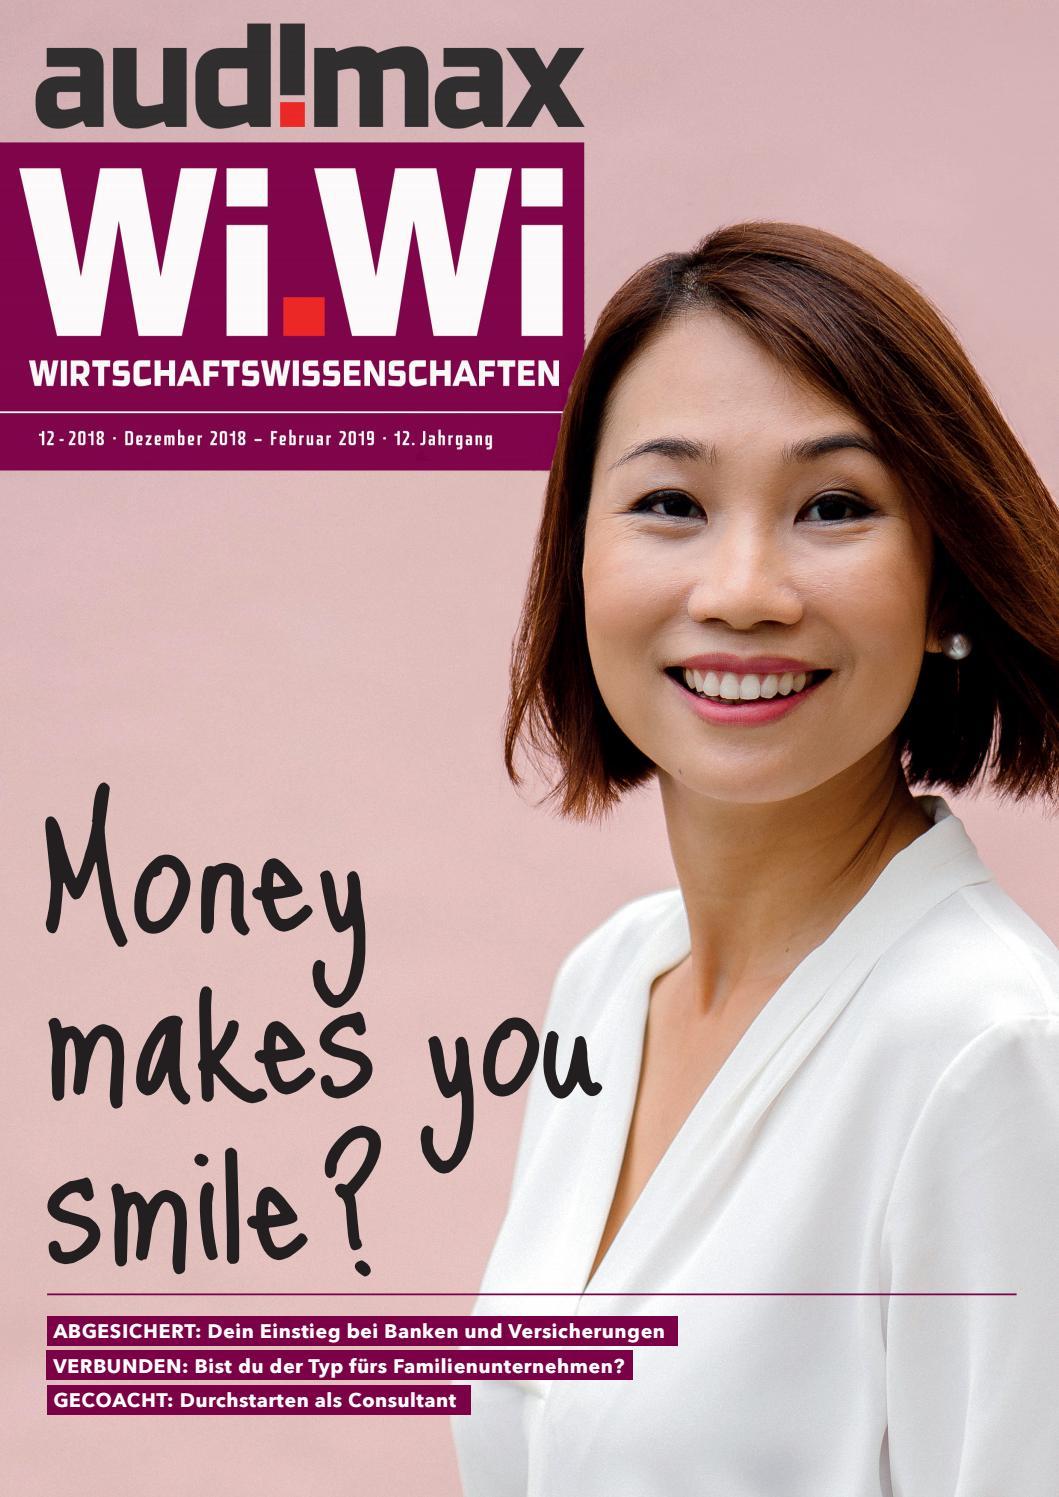 Audimax Wiwi 122018 Das Karrieremagazin Für